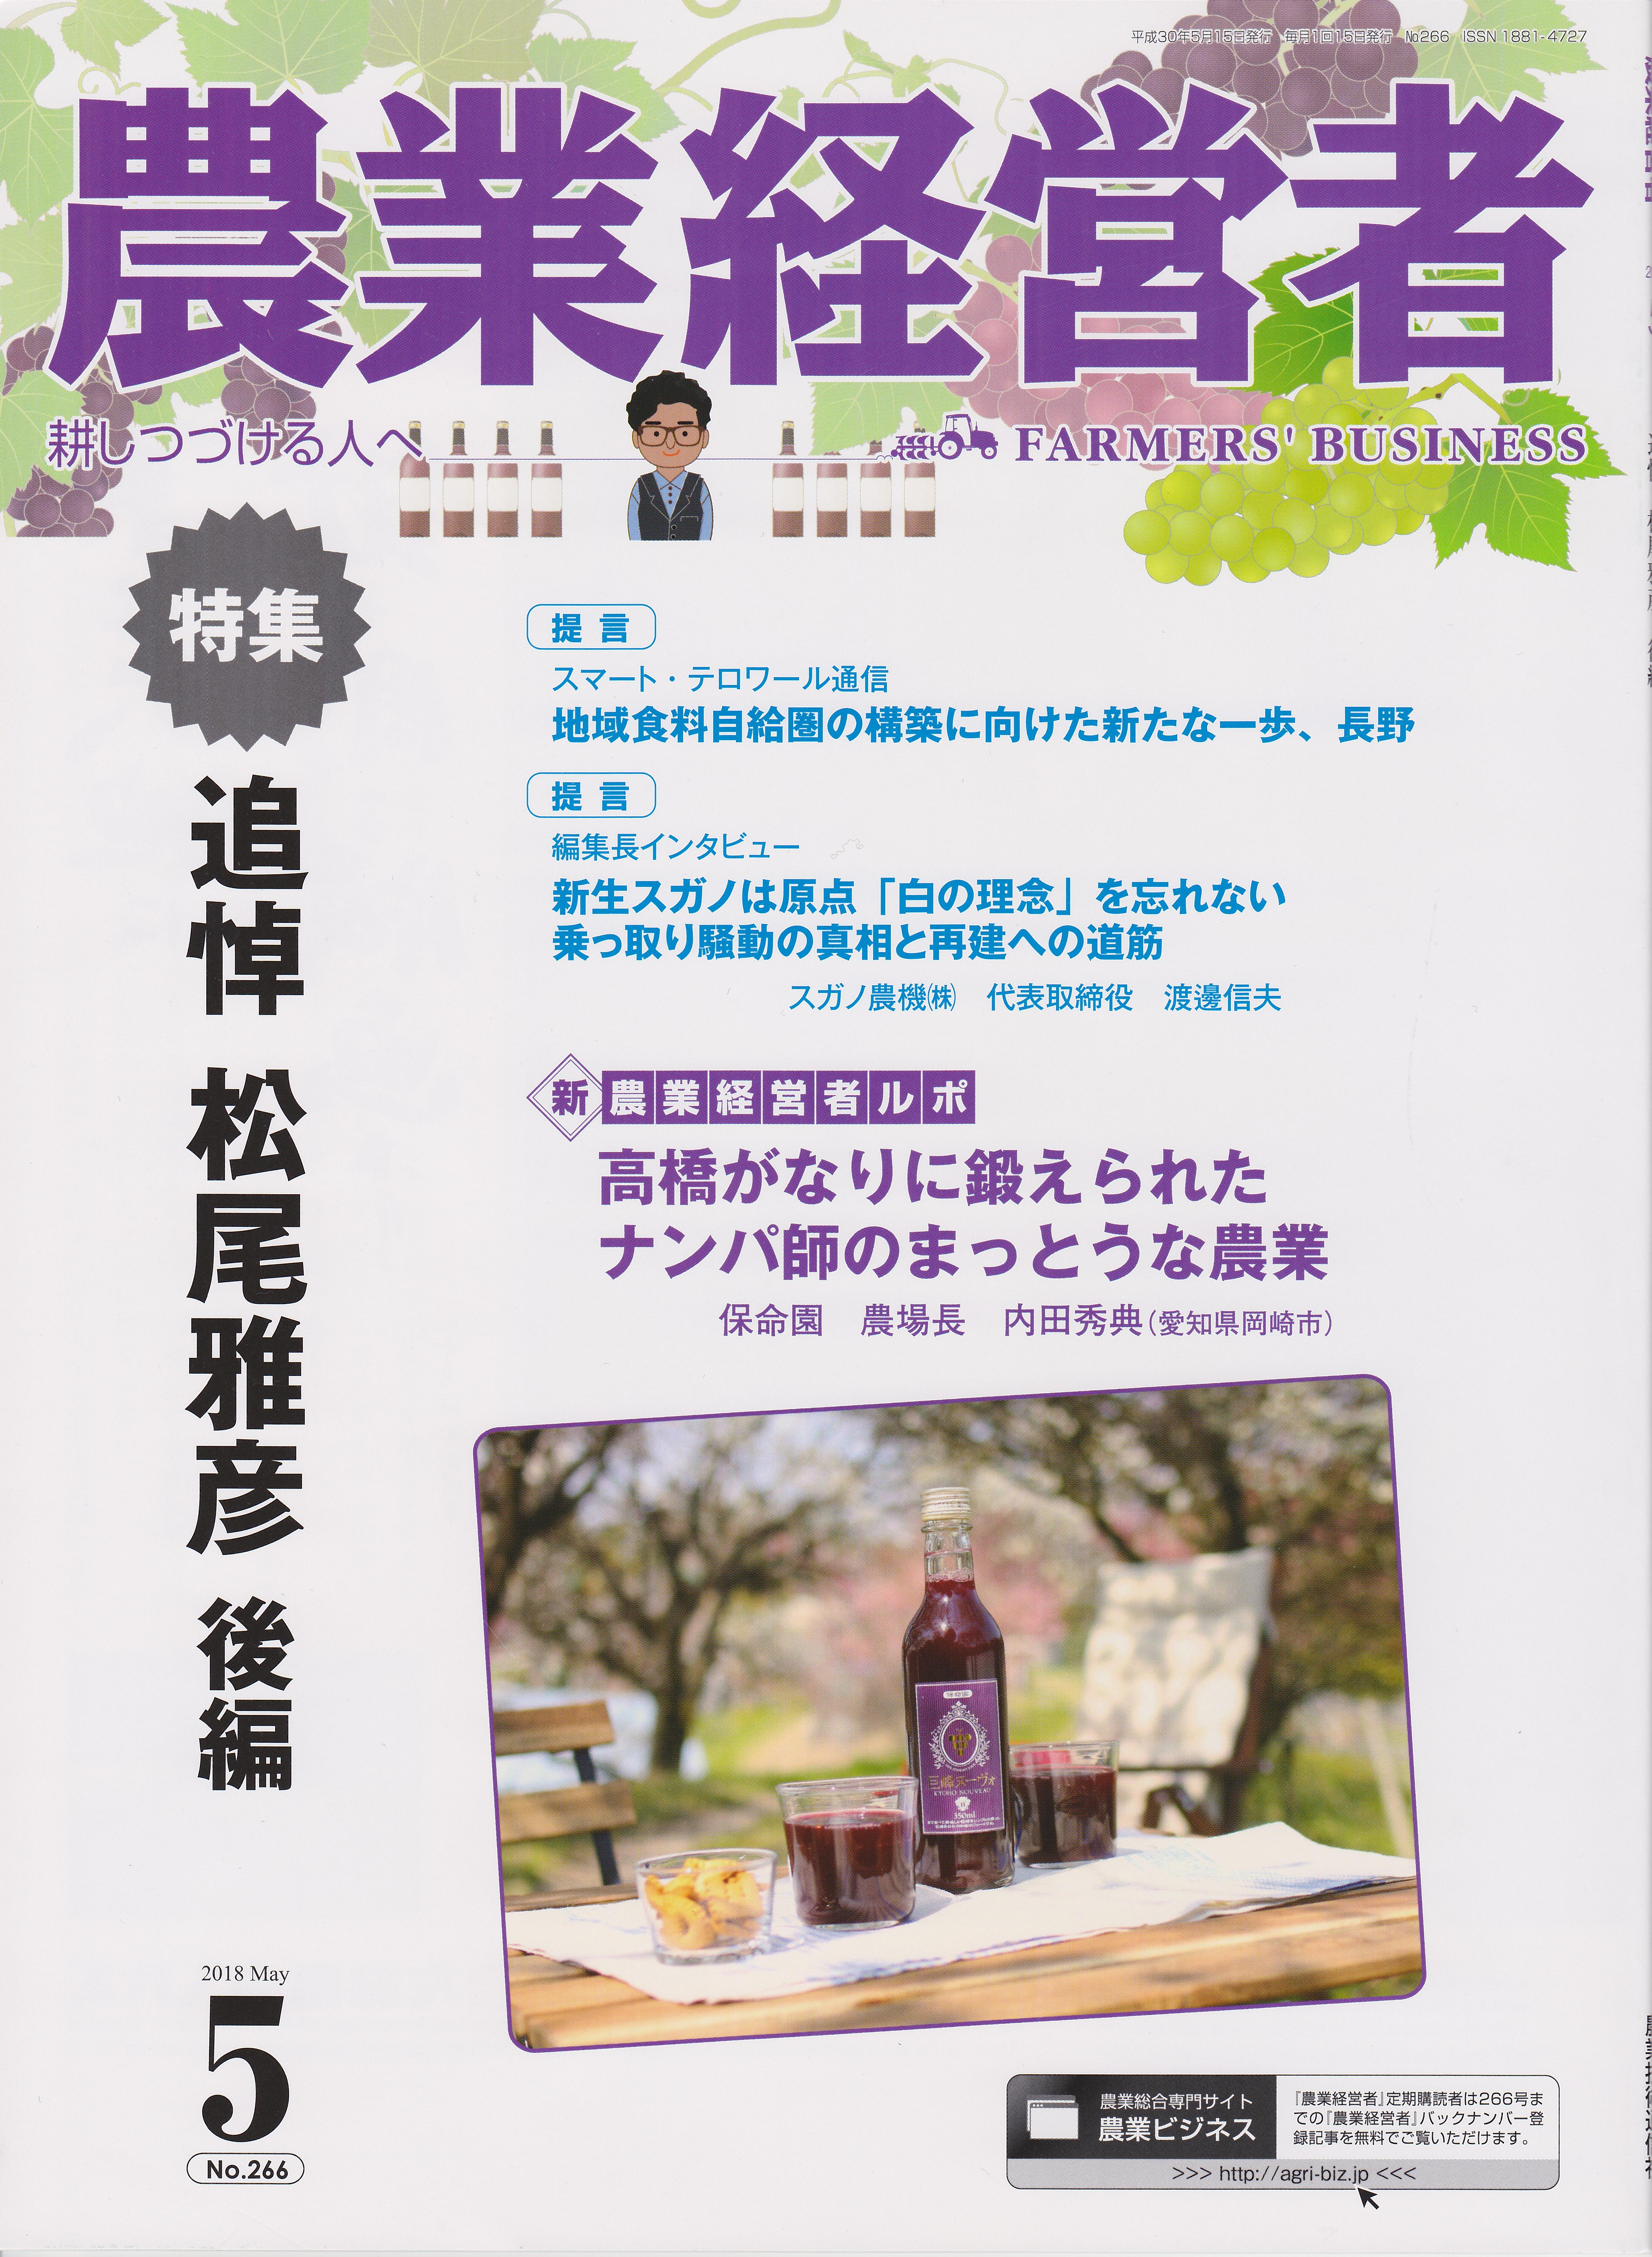 月刊誌『農業経営者』の記事を担当しました!